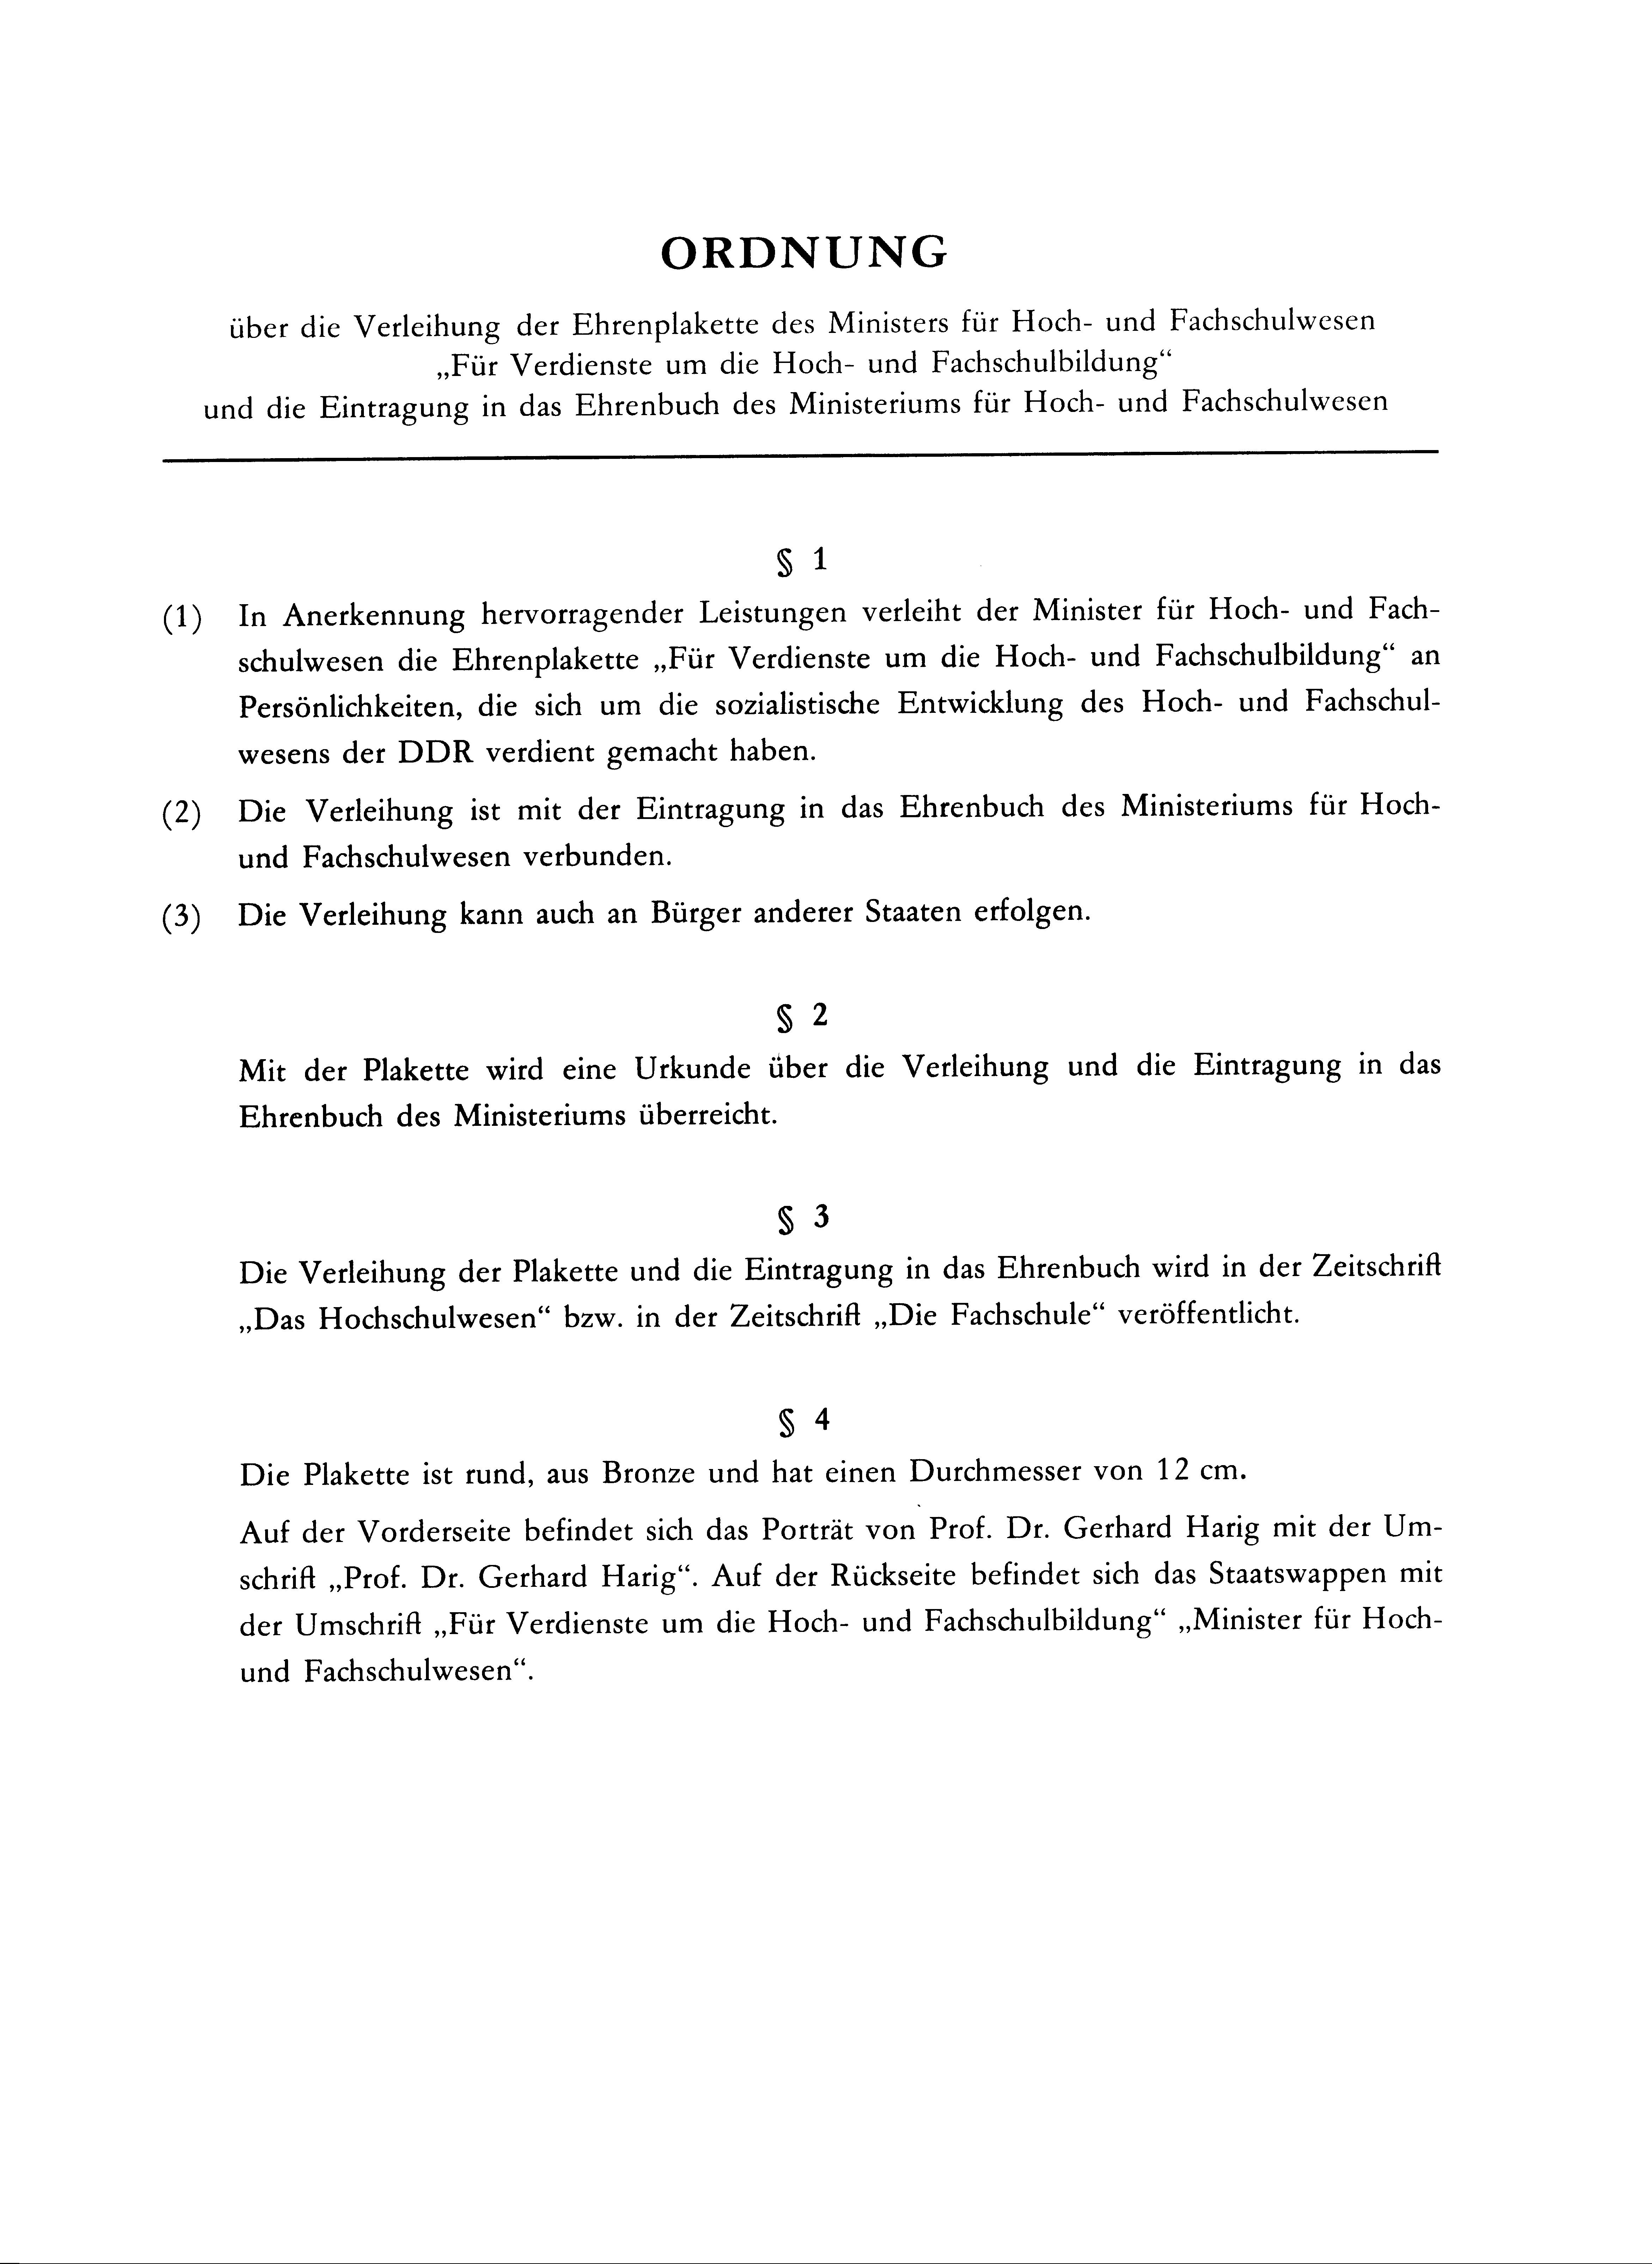 Fail:Ordnung der Verleihungsurkunde Ehrenplakette des Ministers für ...